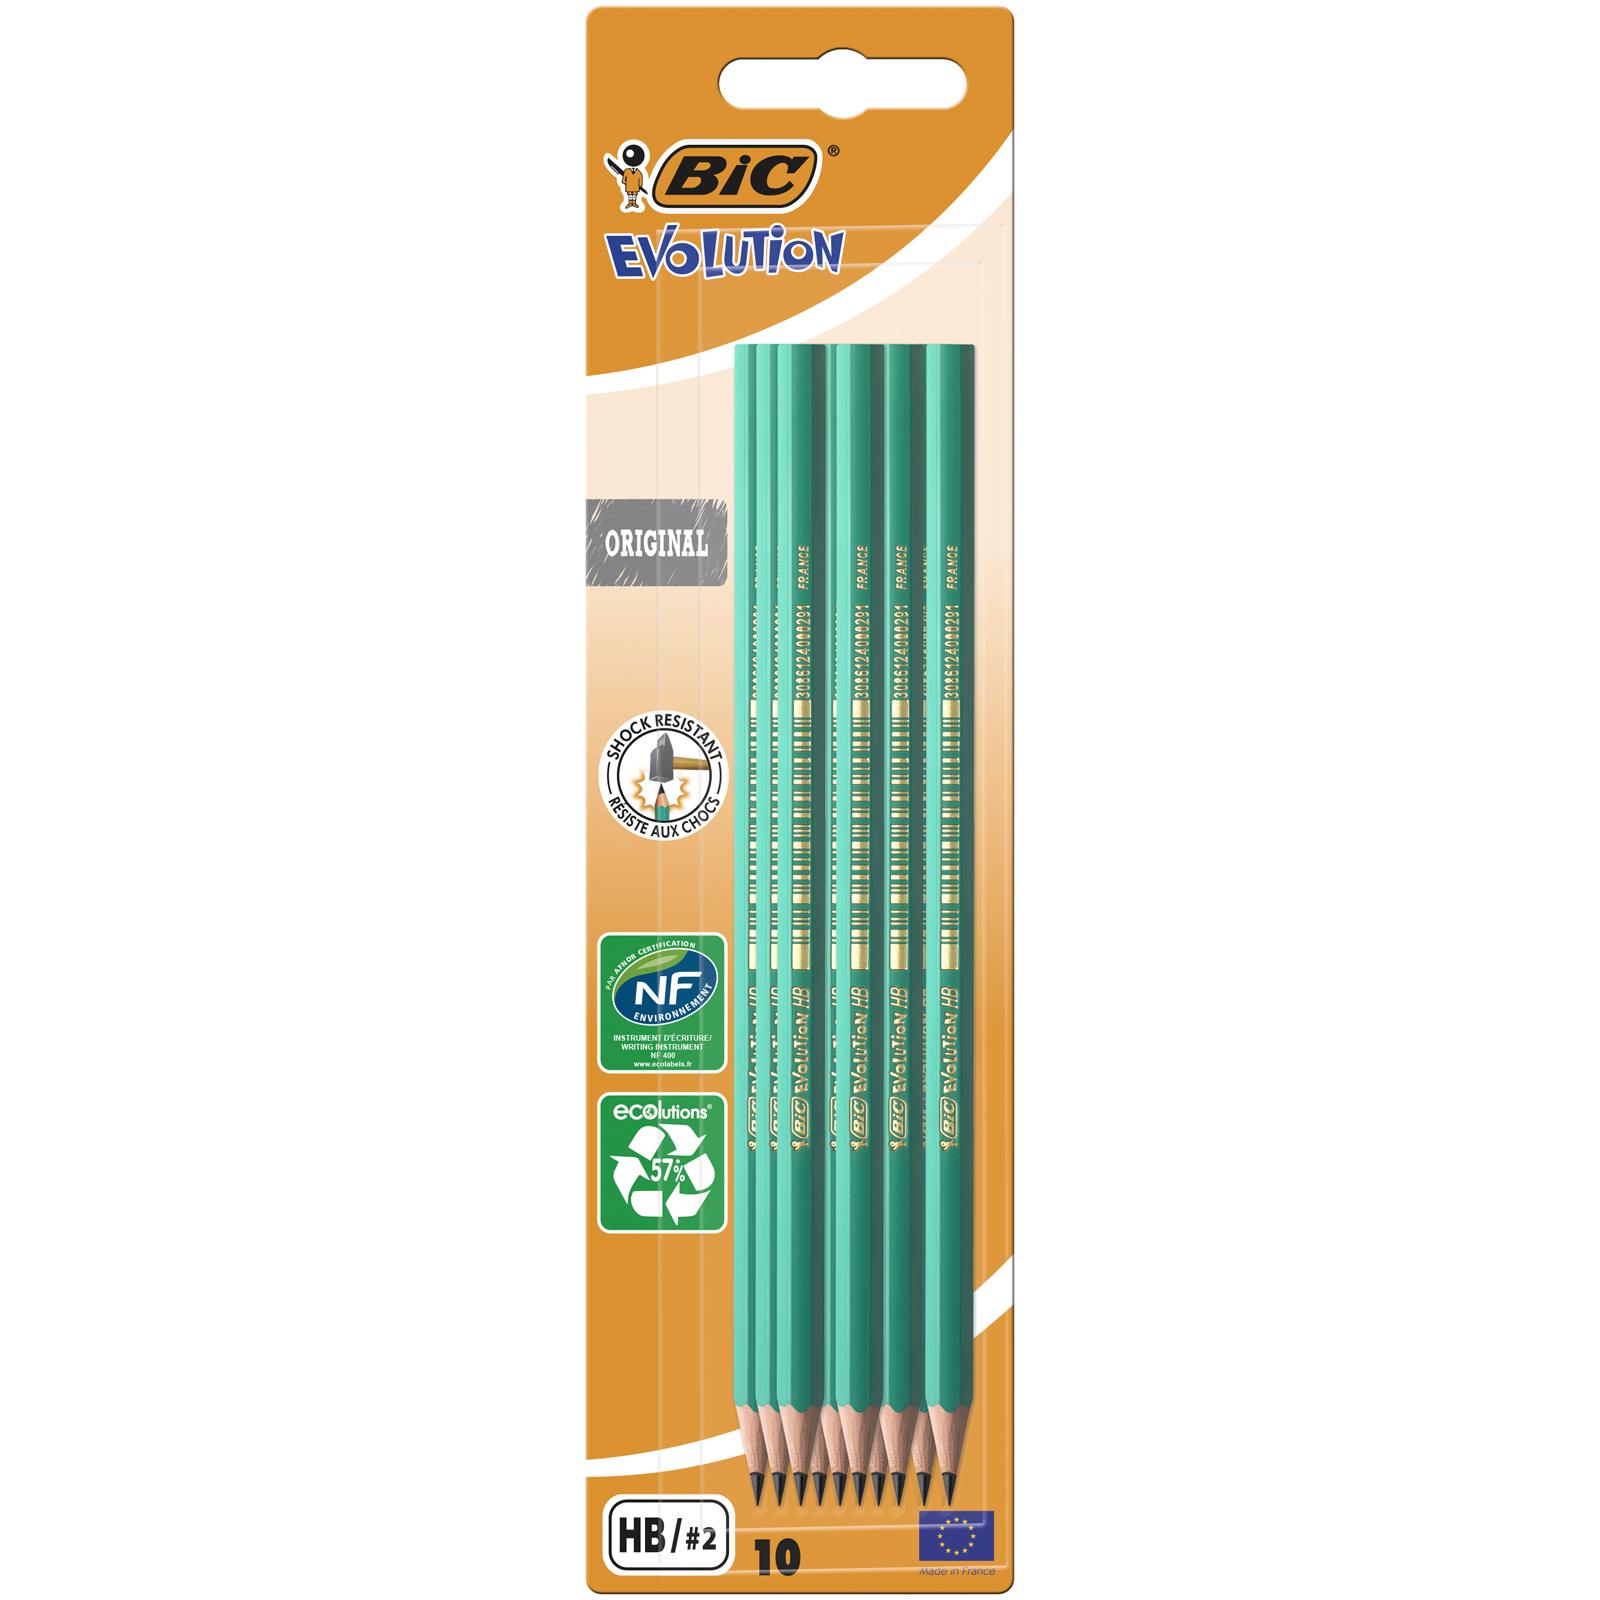 BIC ECOlutions EVOLUTION 650 - Pack de 10 Crayons à papier - HB